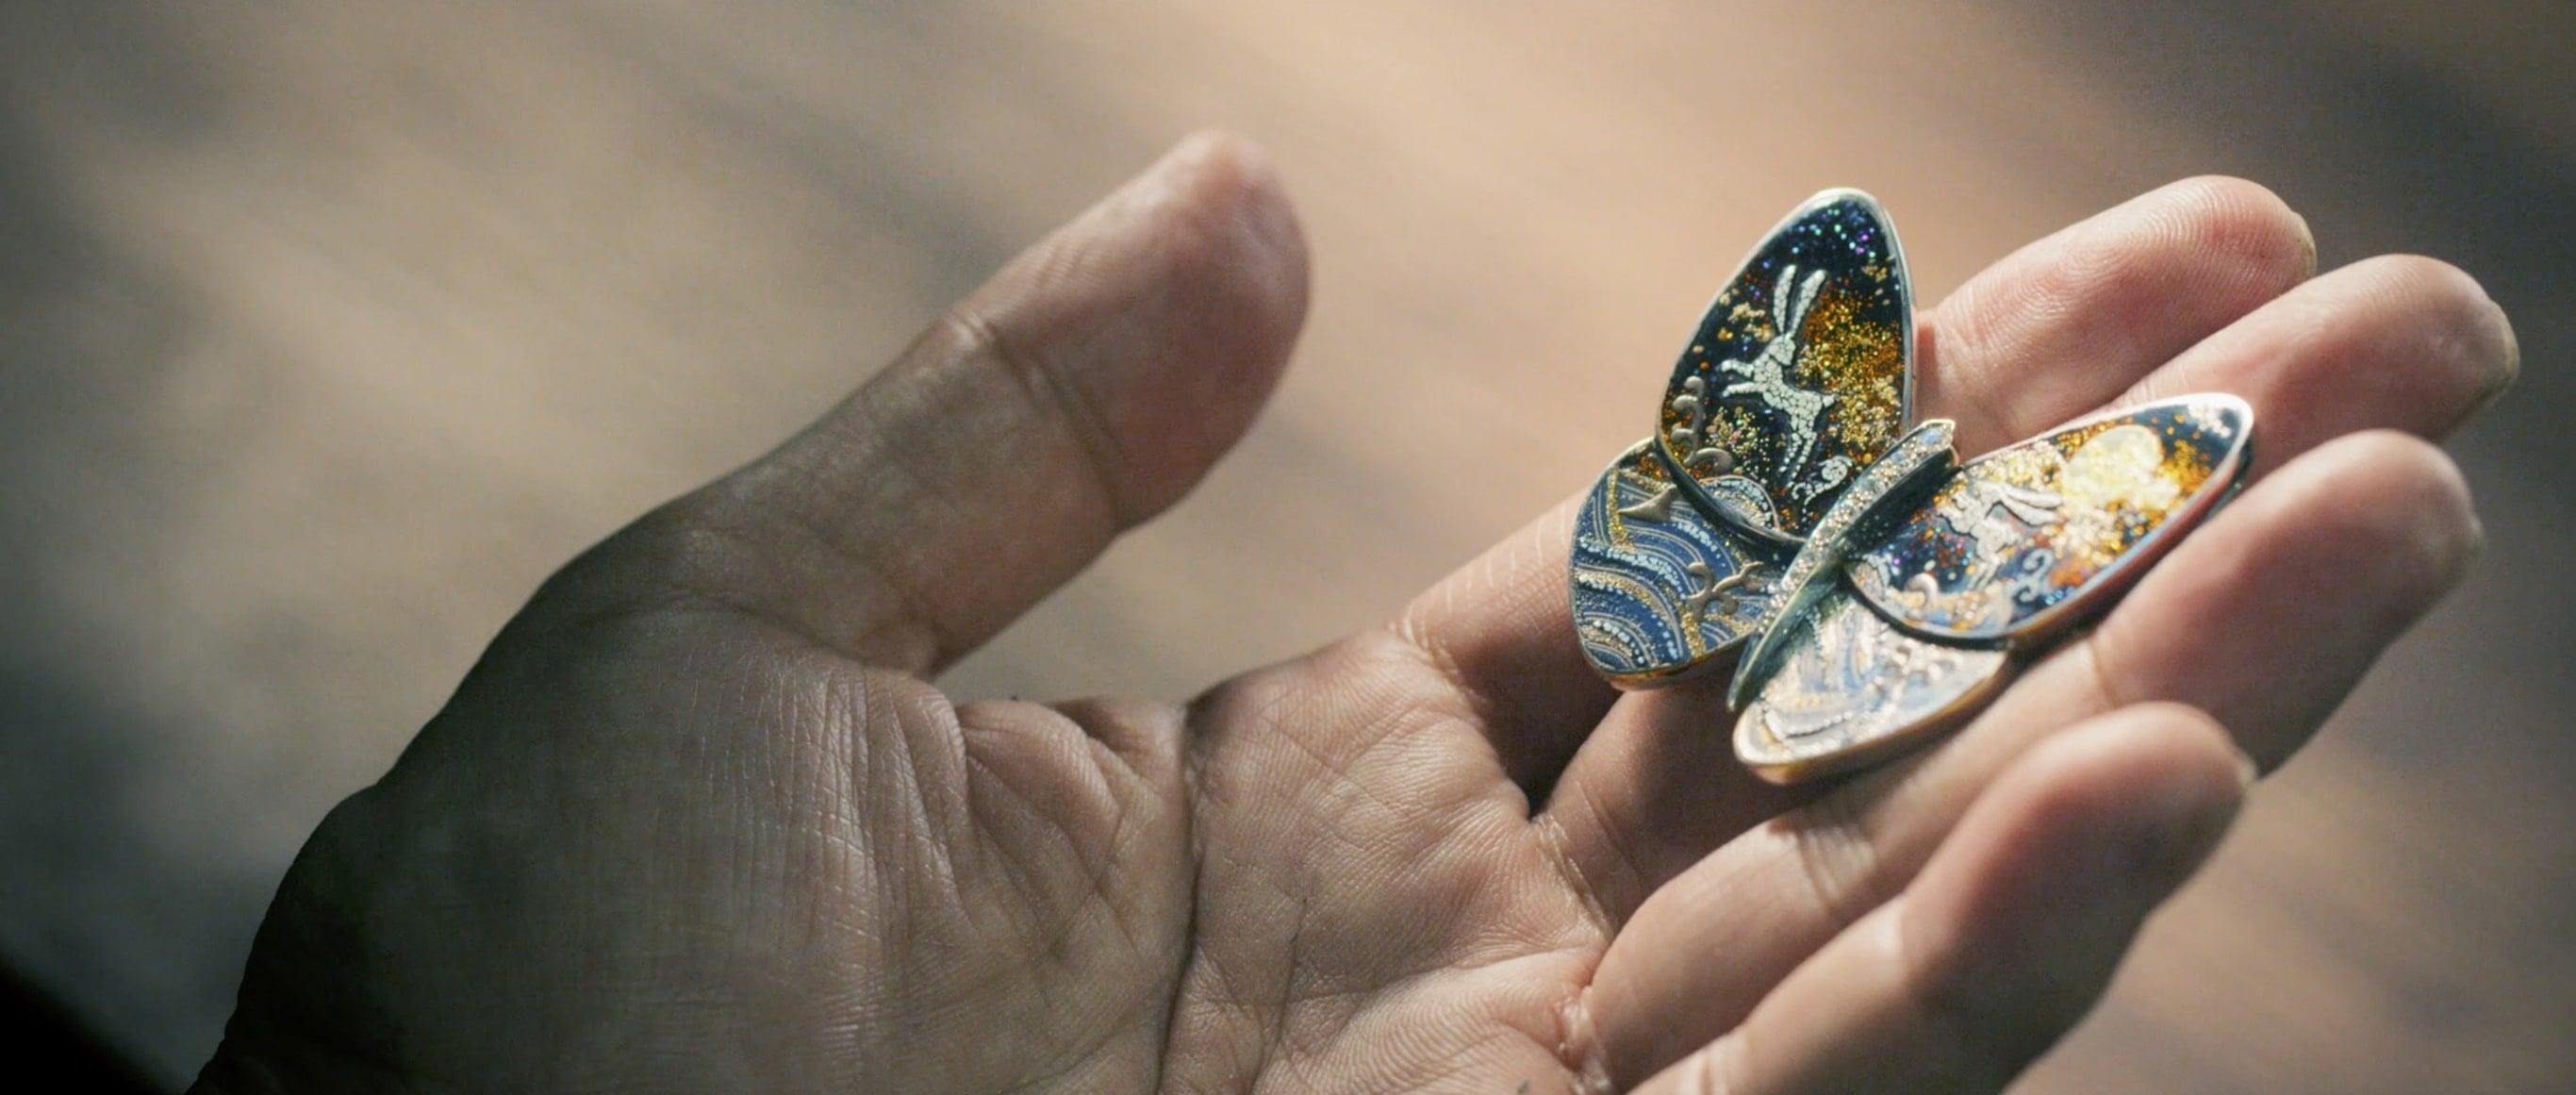 ヴァン クリーフ&アーペルと漆芸作家 箱瀬淳一の技を堪能するメイキングムービー公開